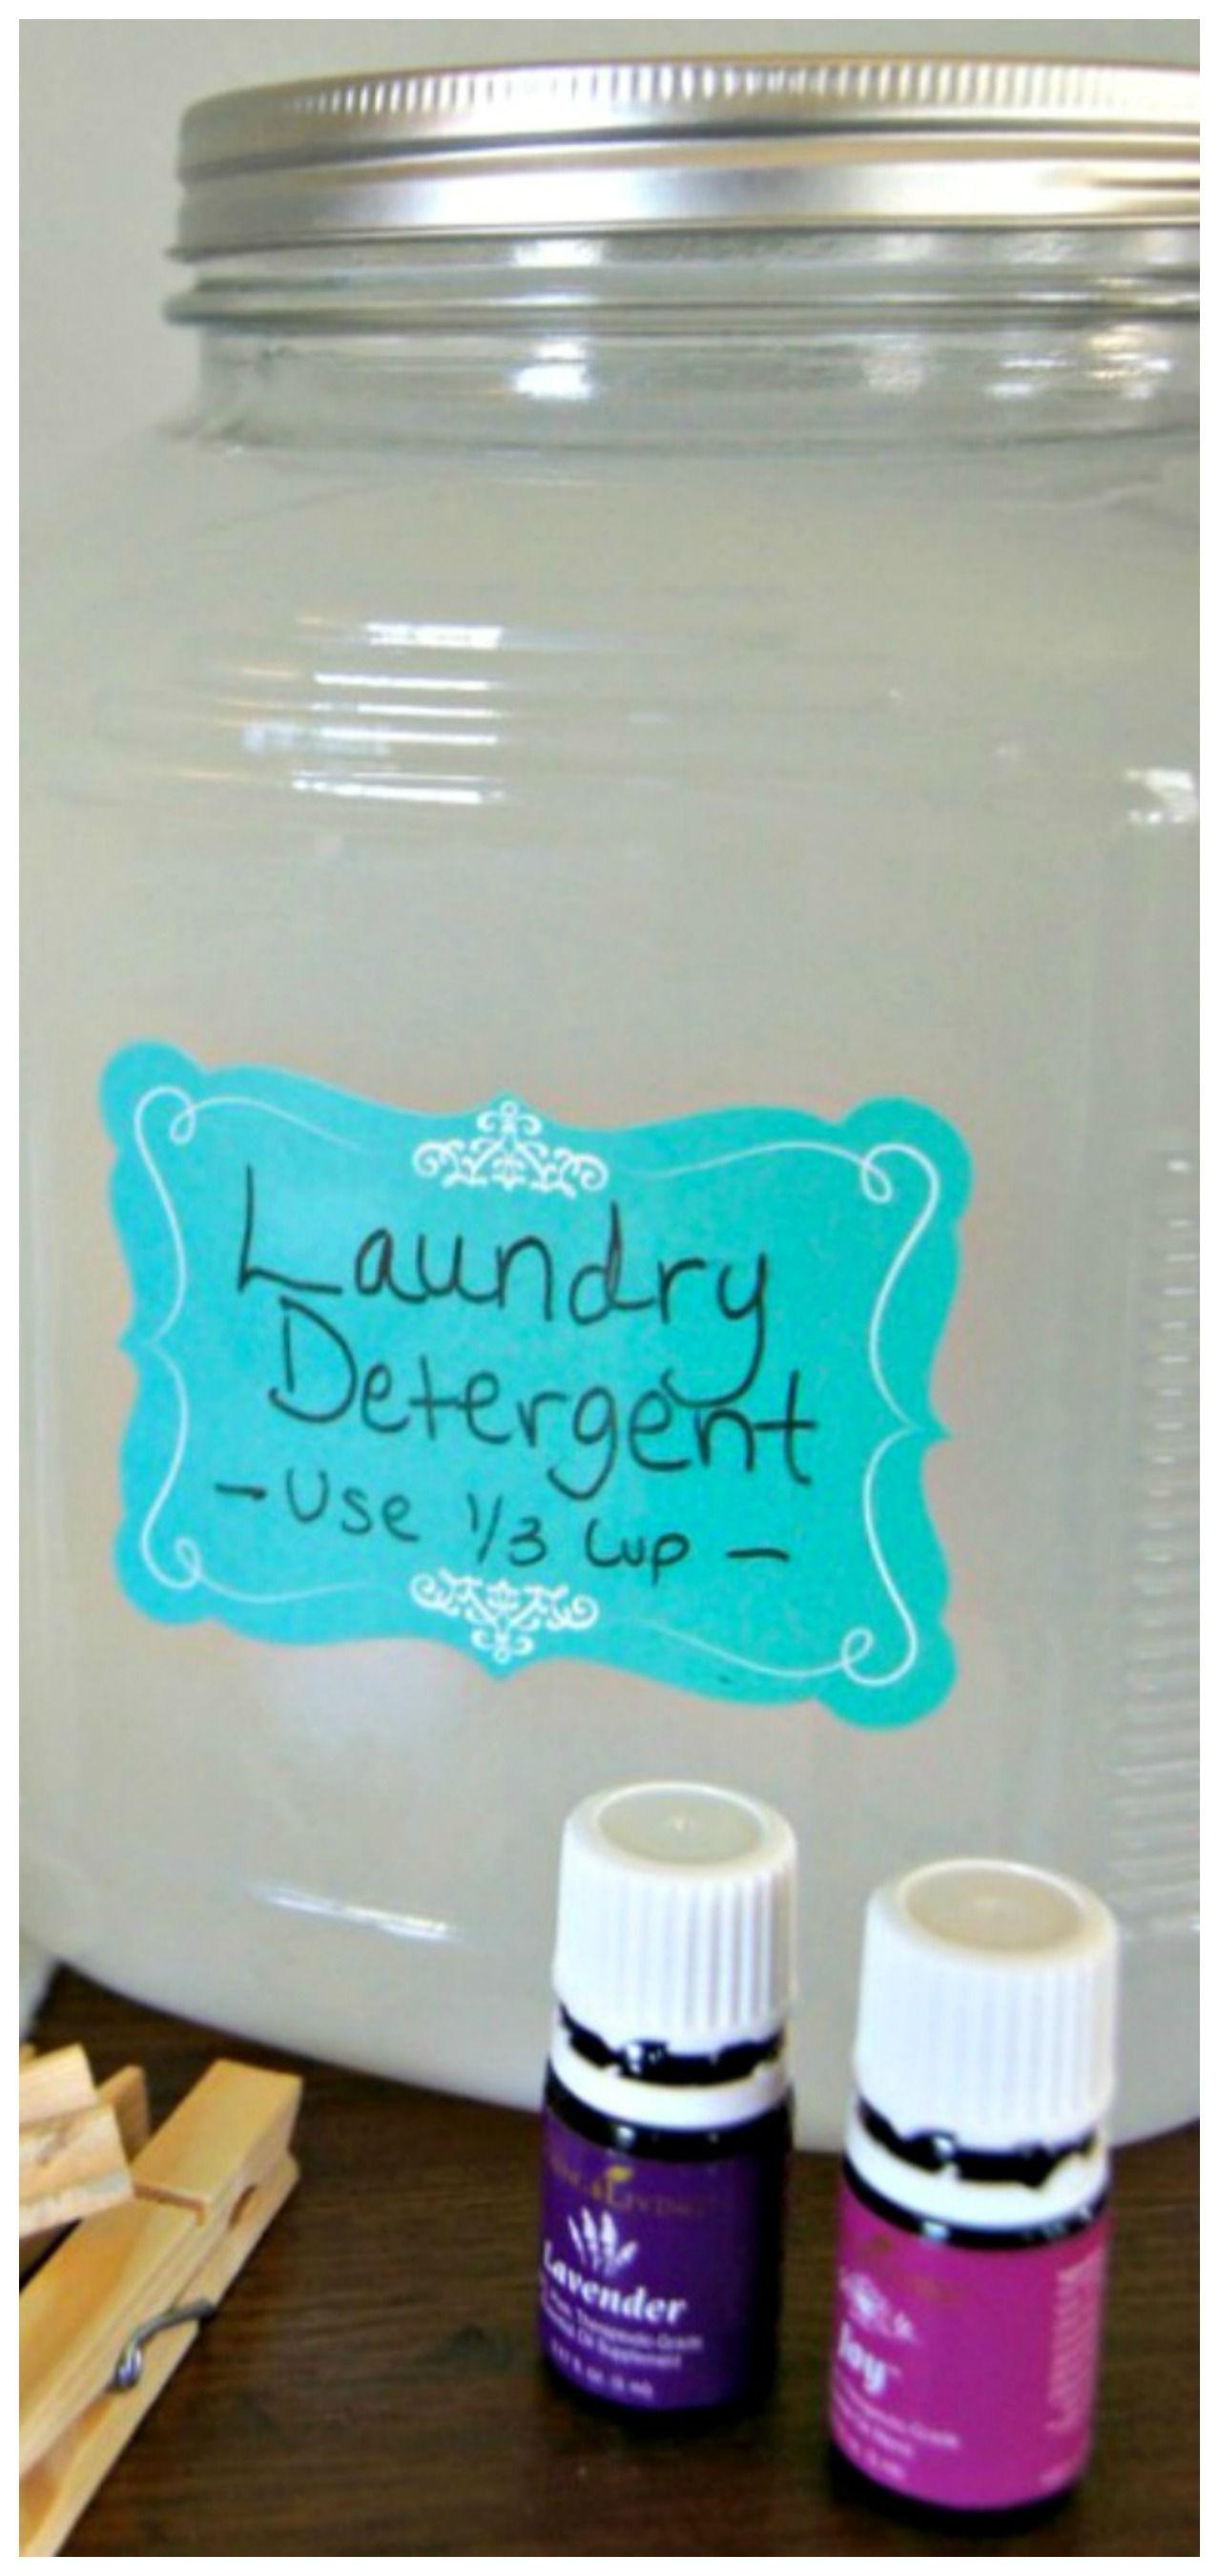 Chemical Free Liquid Laundry Detergent Liquid Laundry Detergent